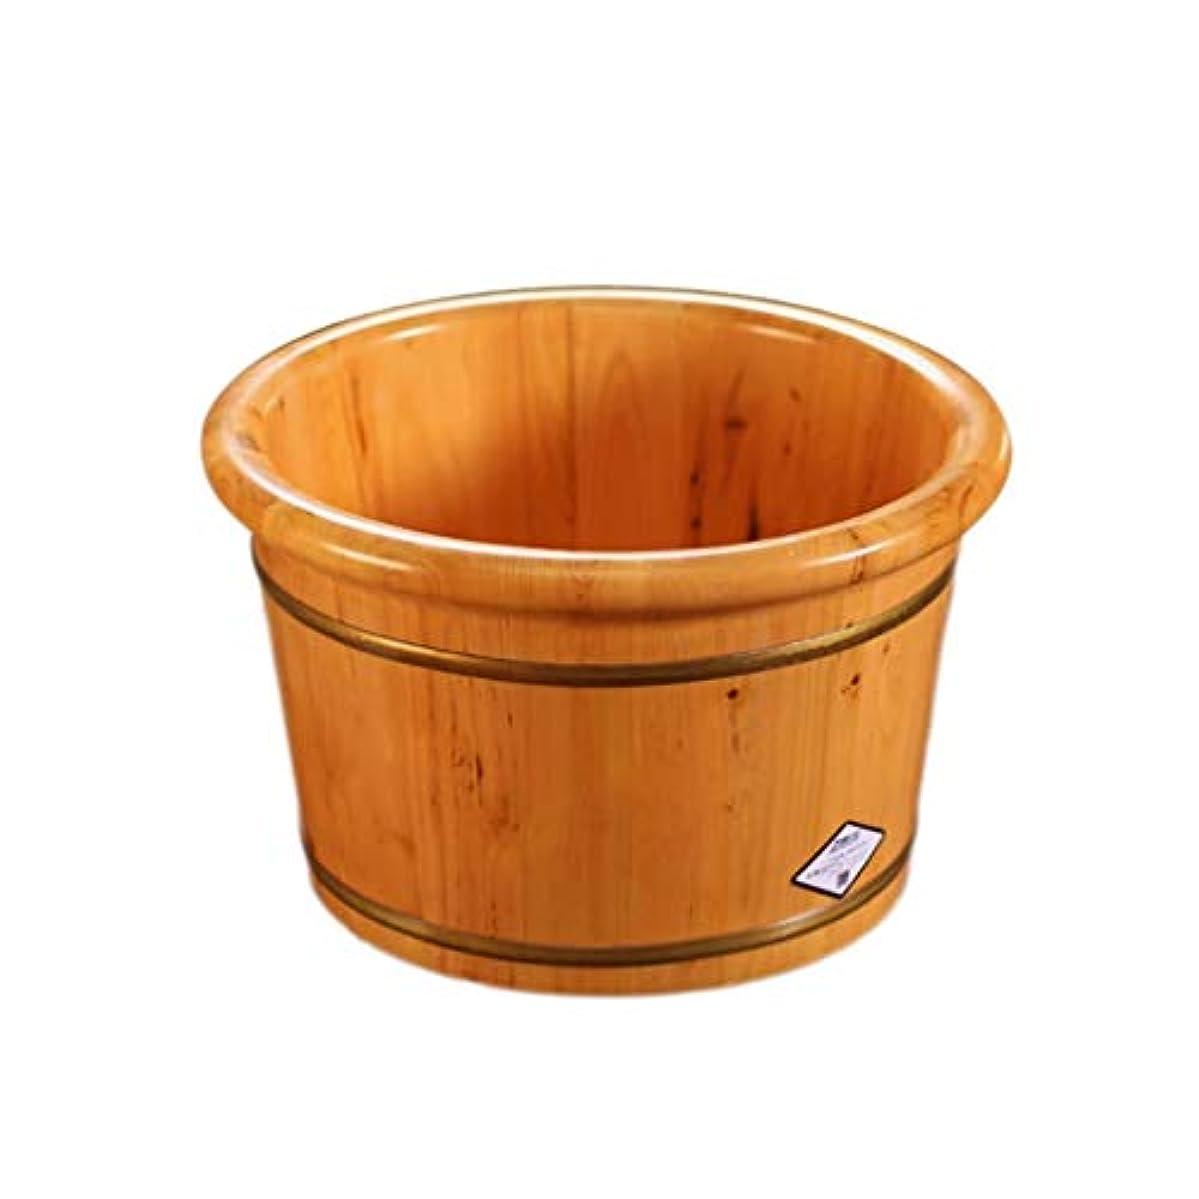 着実にコーラス設置木製の足浴槽、家庭用足浴、足を浸すための足浴槽、ペディキュアスパマッサージ